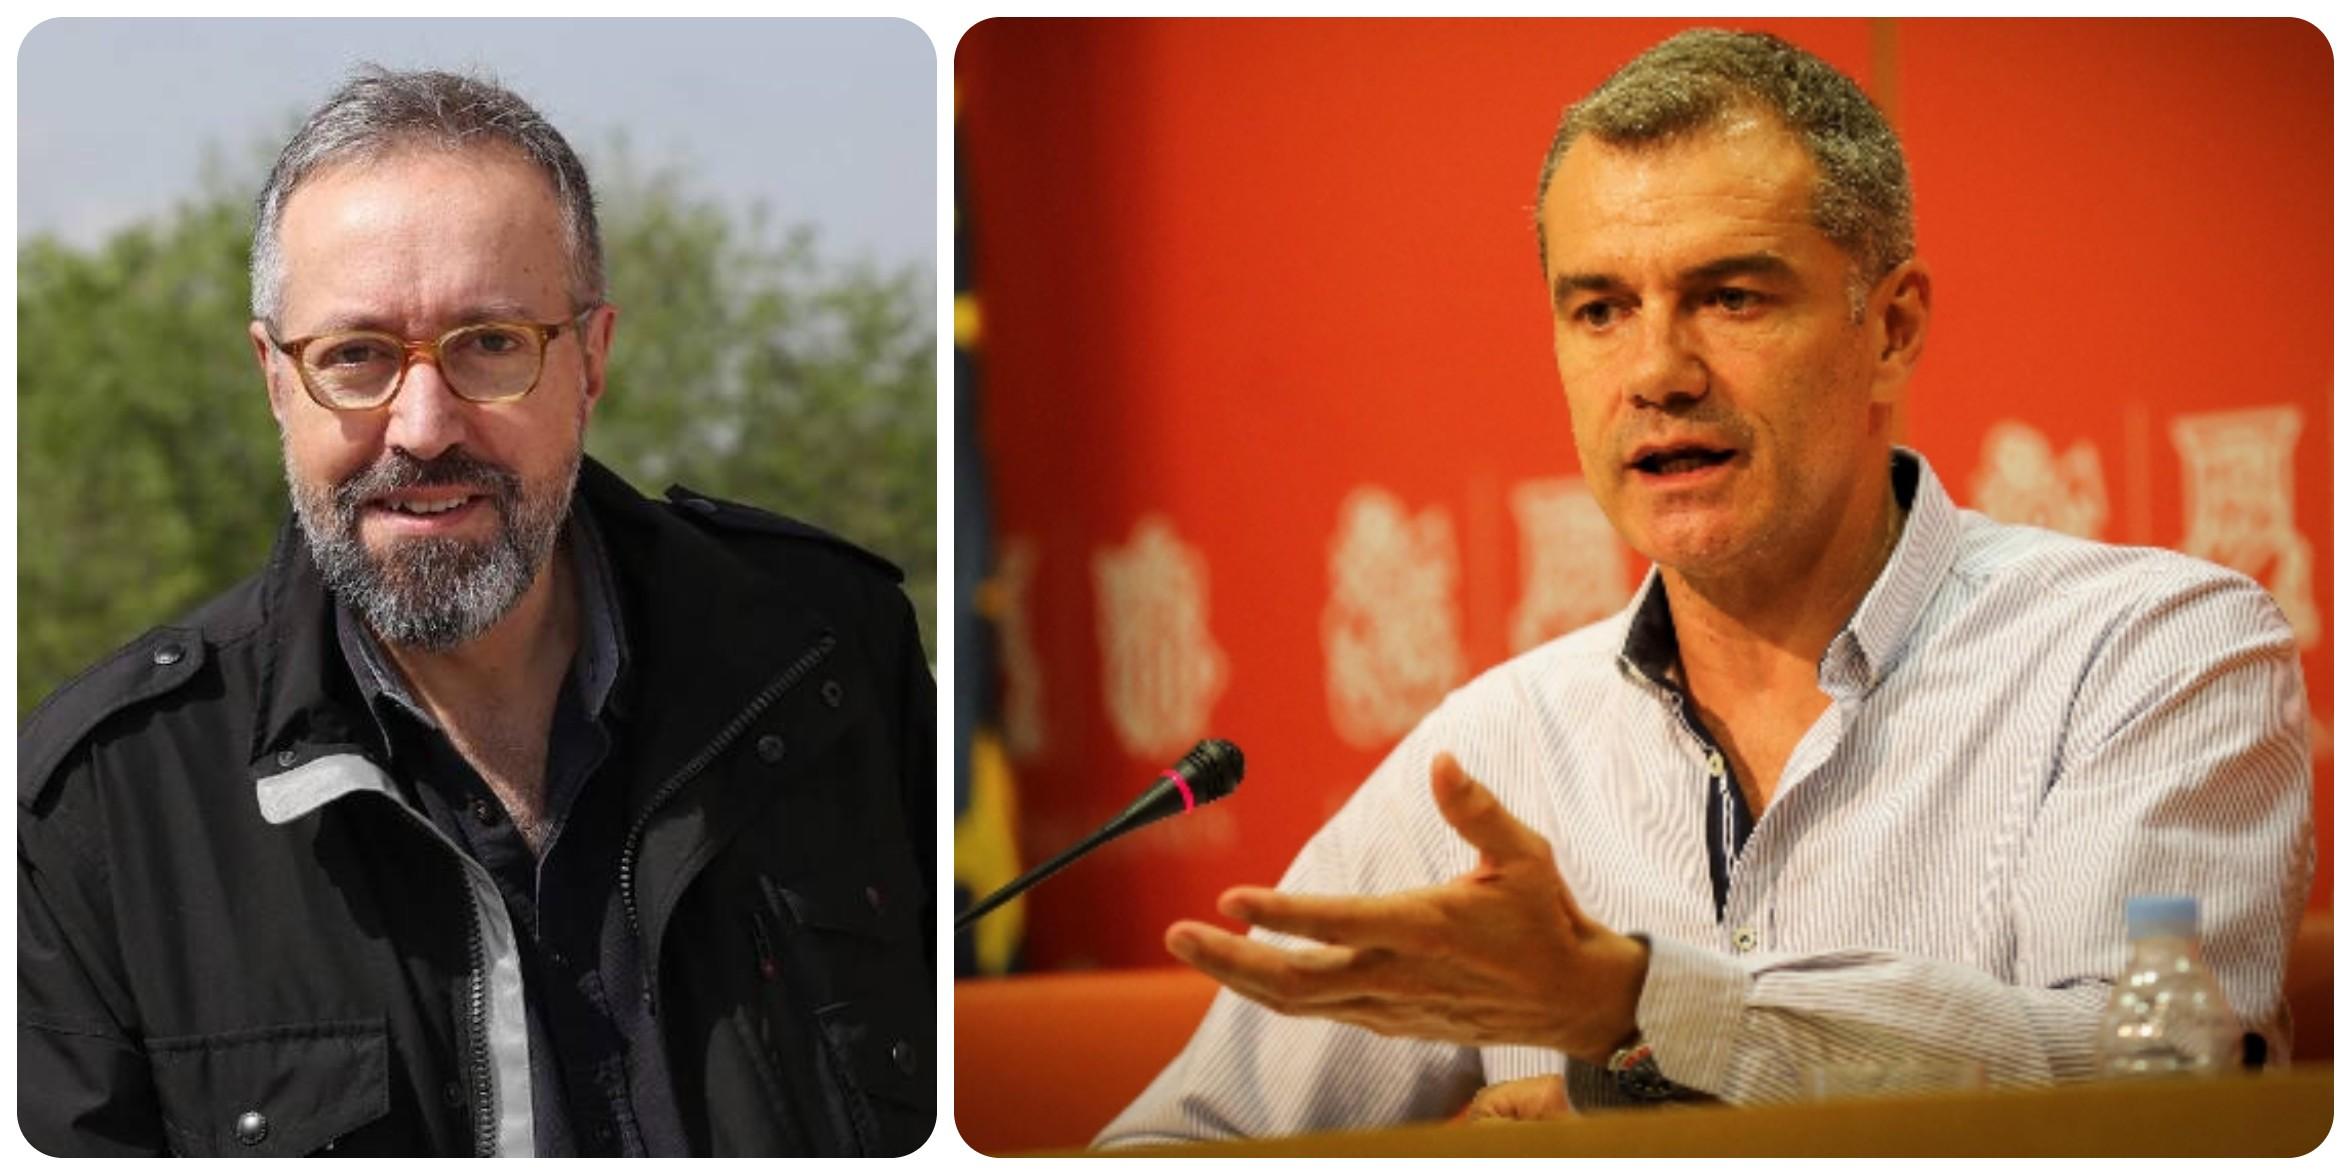 Juan Carlos Girauta aplaude a Toni Cantó por anteponer sus principios a las siglas